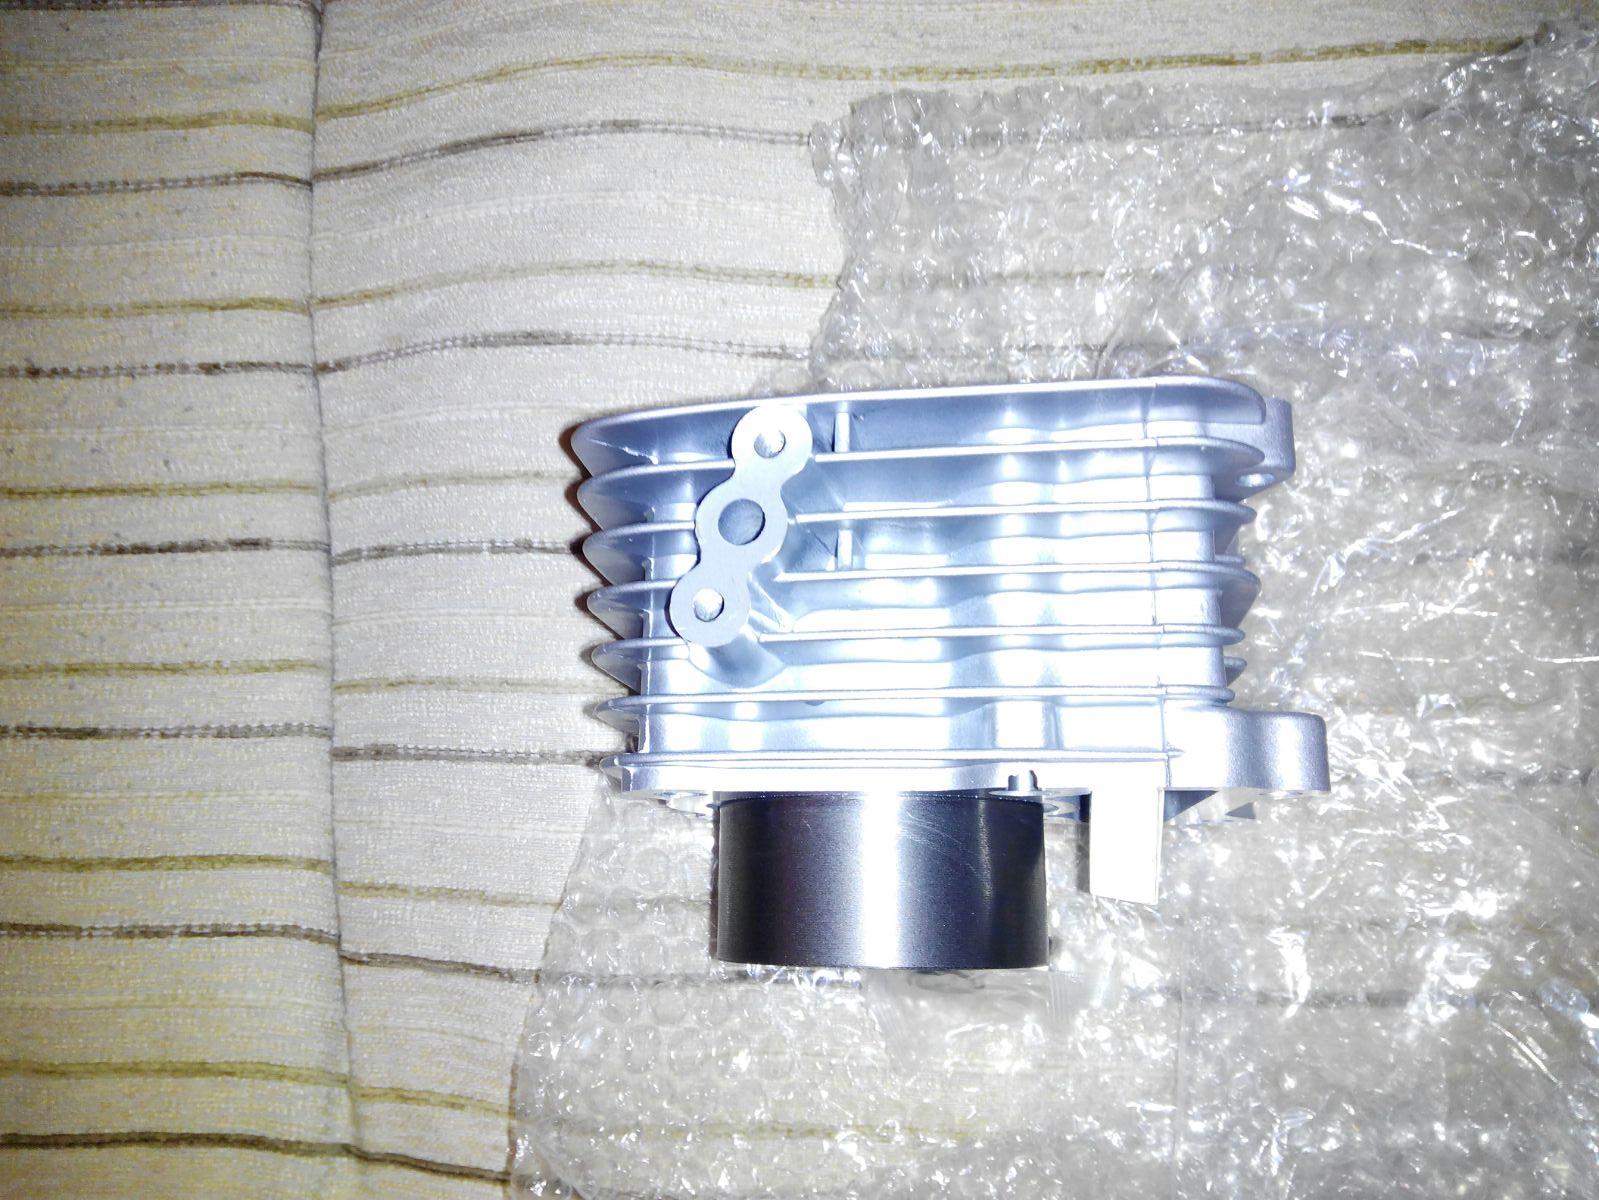 Cilindro 150 en RKV 125 - Página 2 I596ht